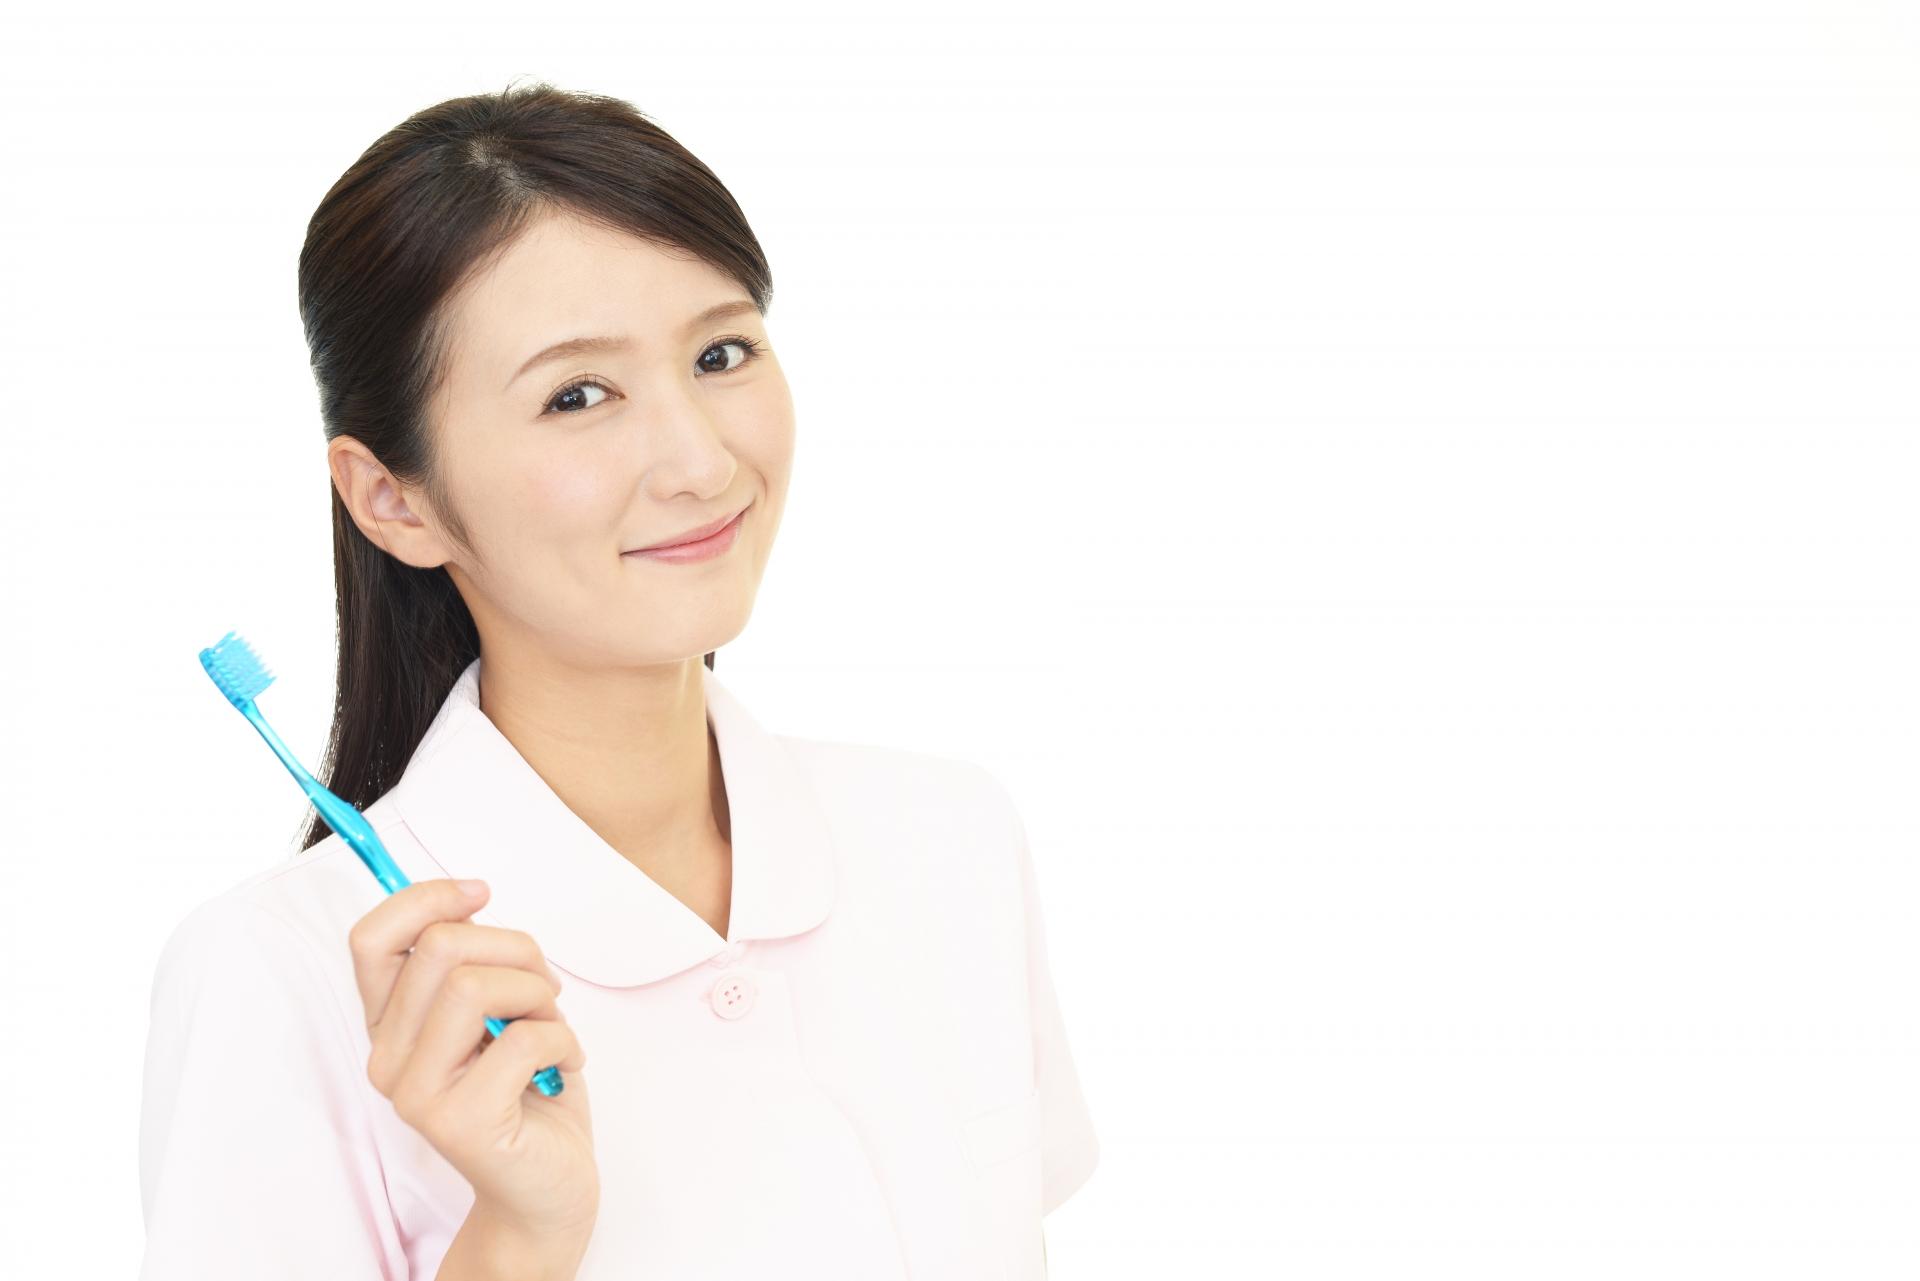 歯科助手 給料 安い